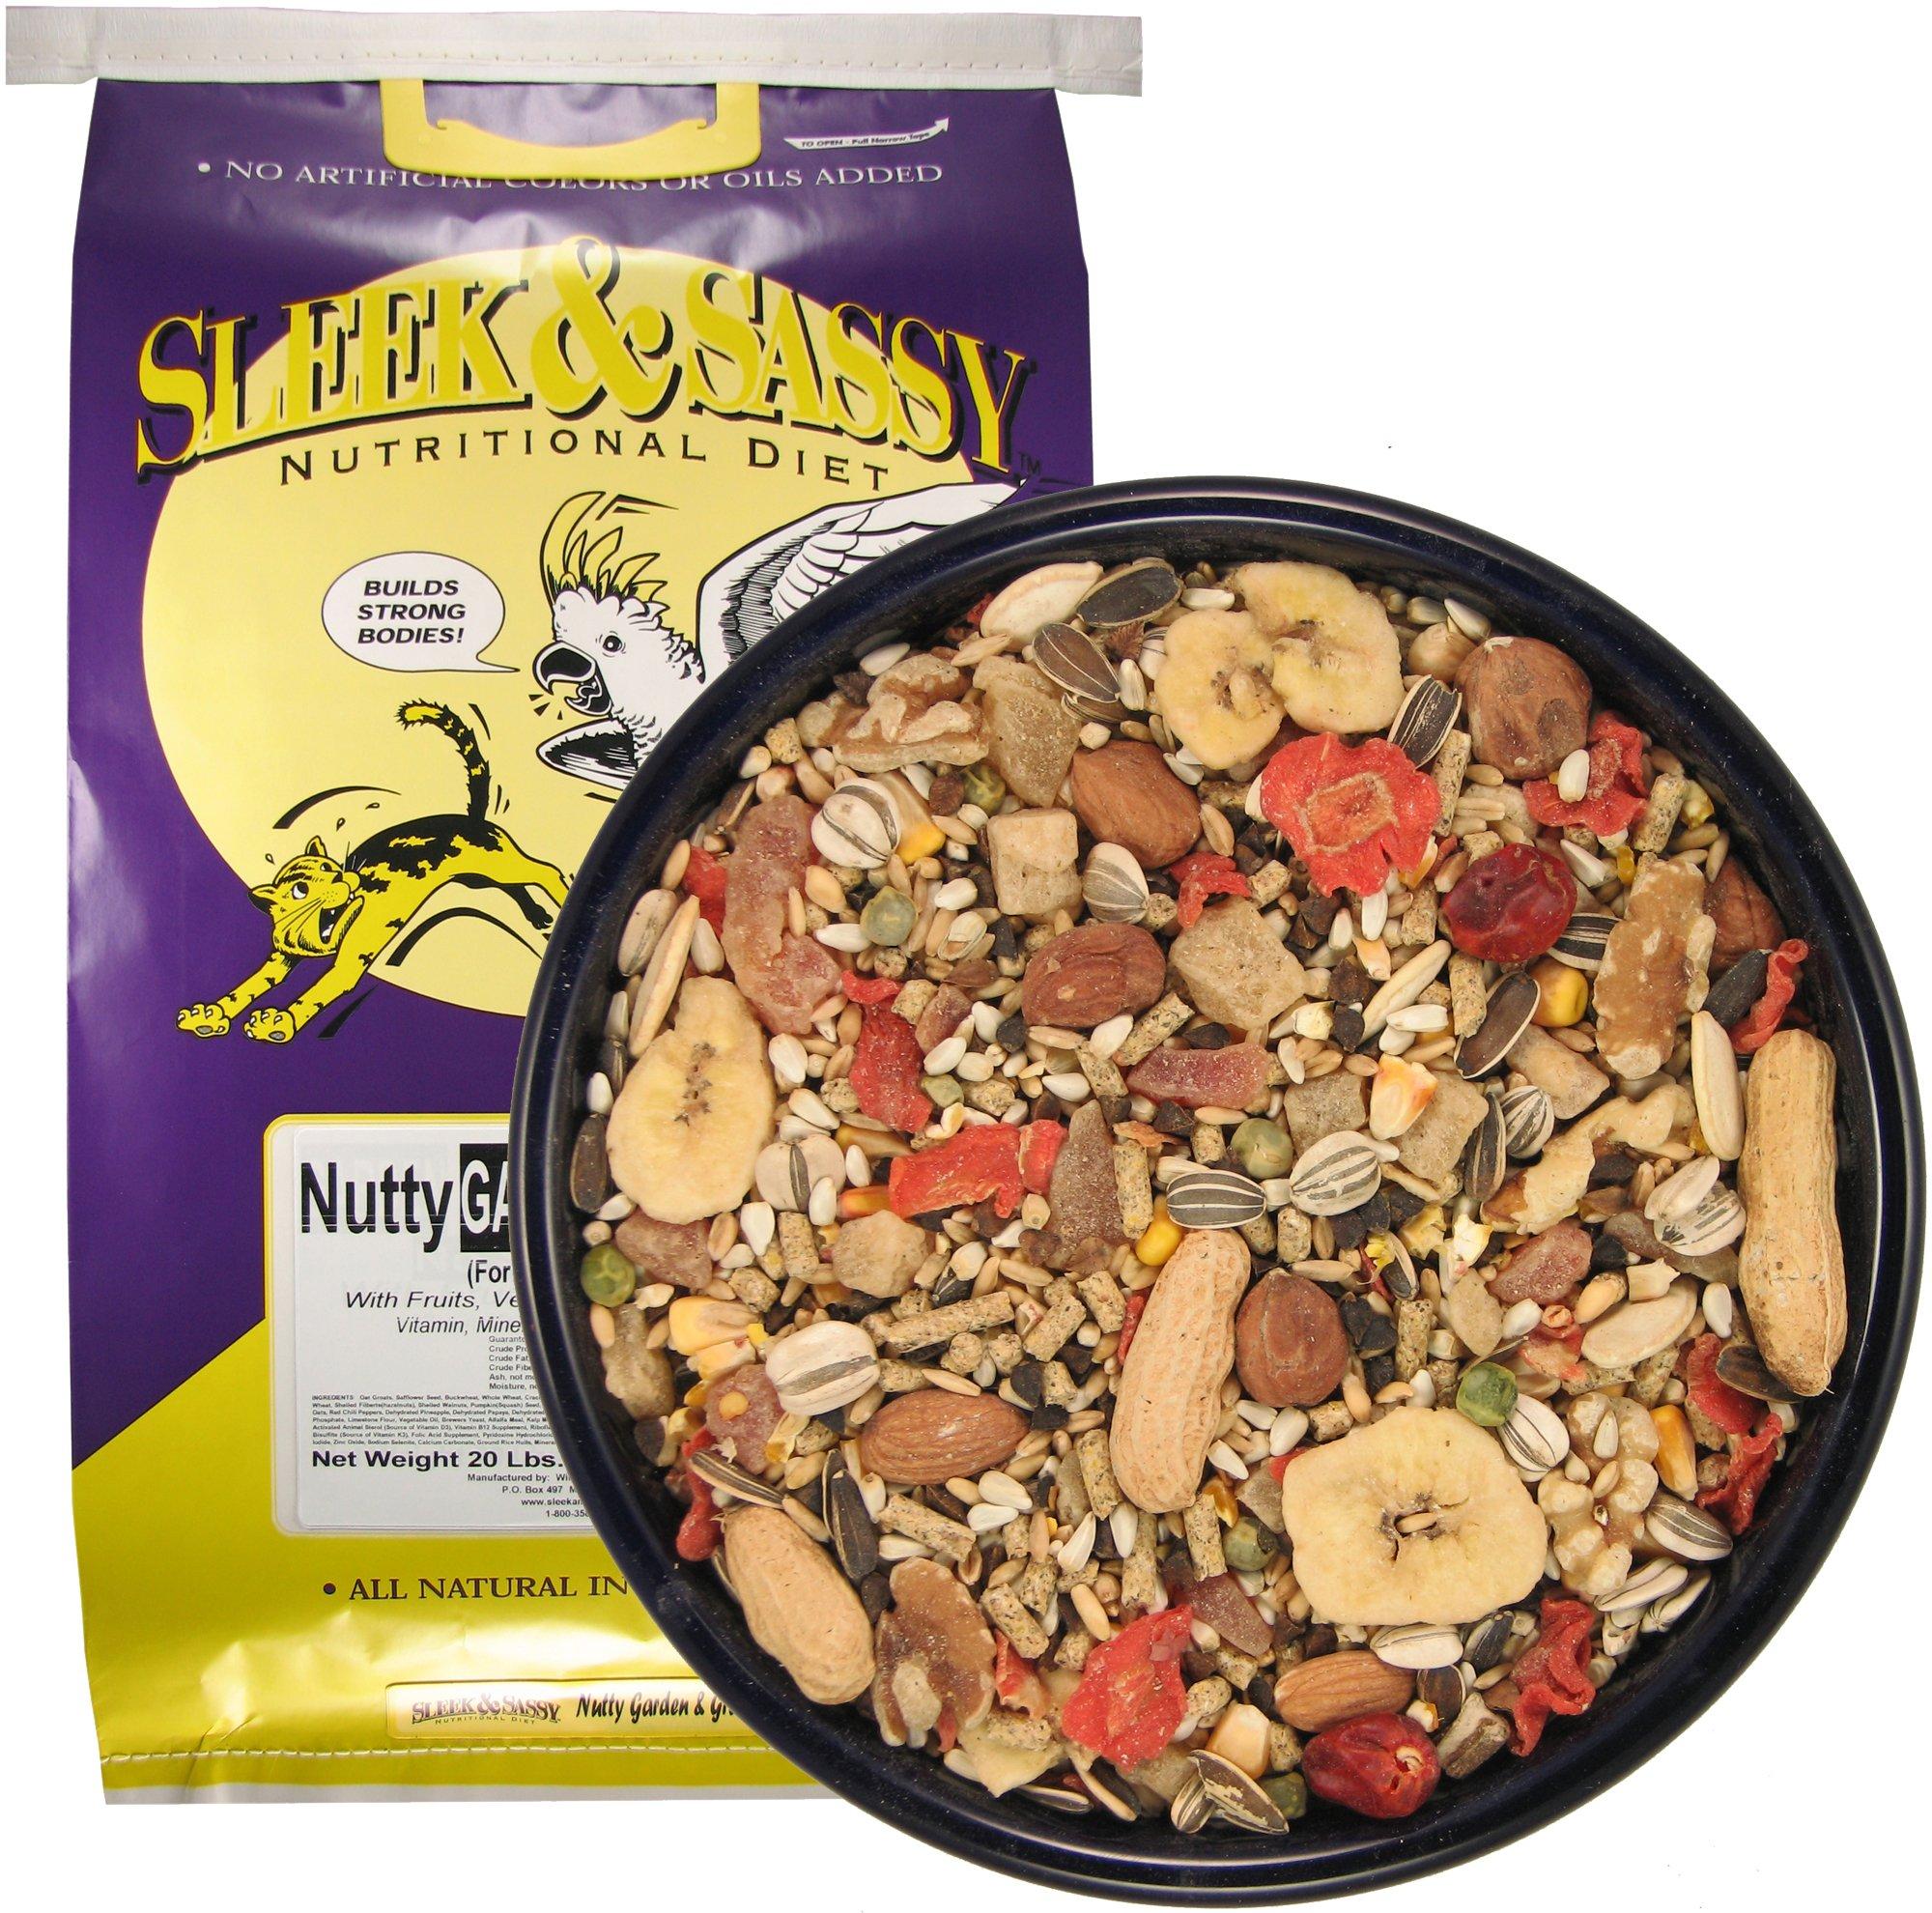 SLEEK & SASSY NUTRITIONAL DIET Nutty Garden & Grain Parrot Food (20 lbs.) by SLEEK & SASSY NUTRITIONAL DIET